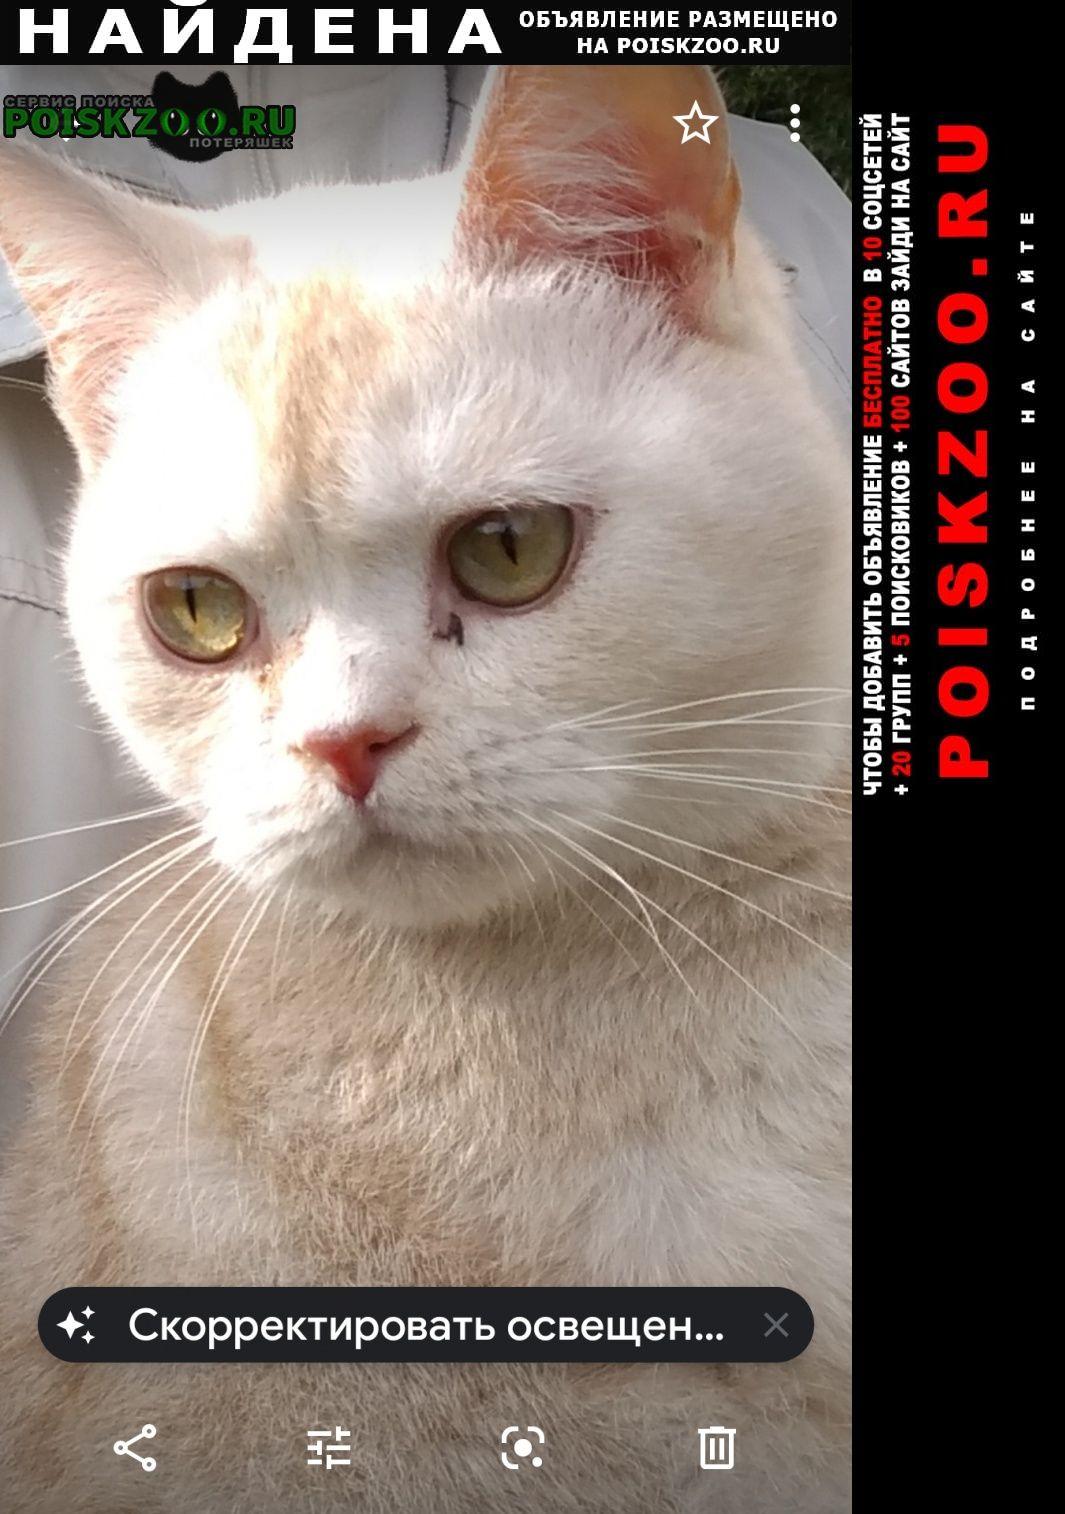 Найдена кошка кот. Санкт-Петербург